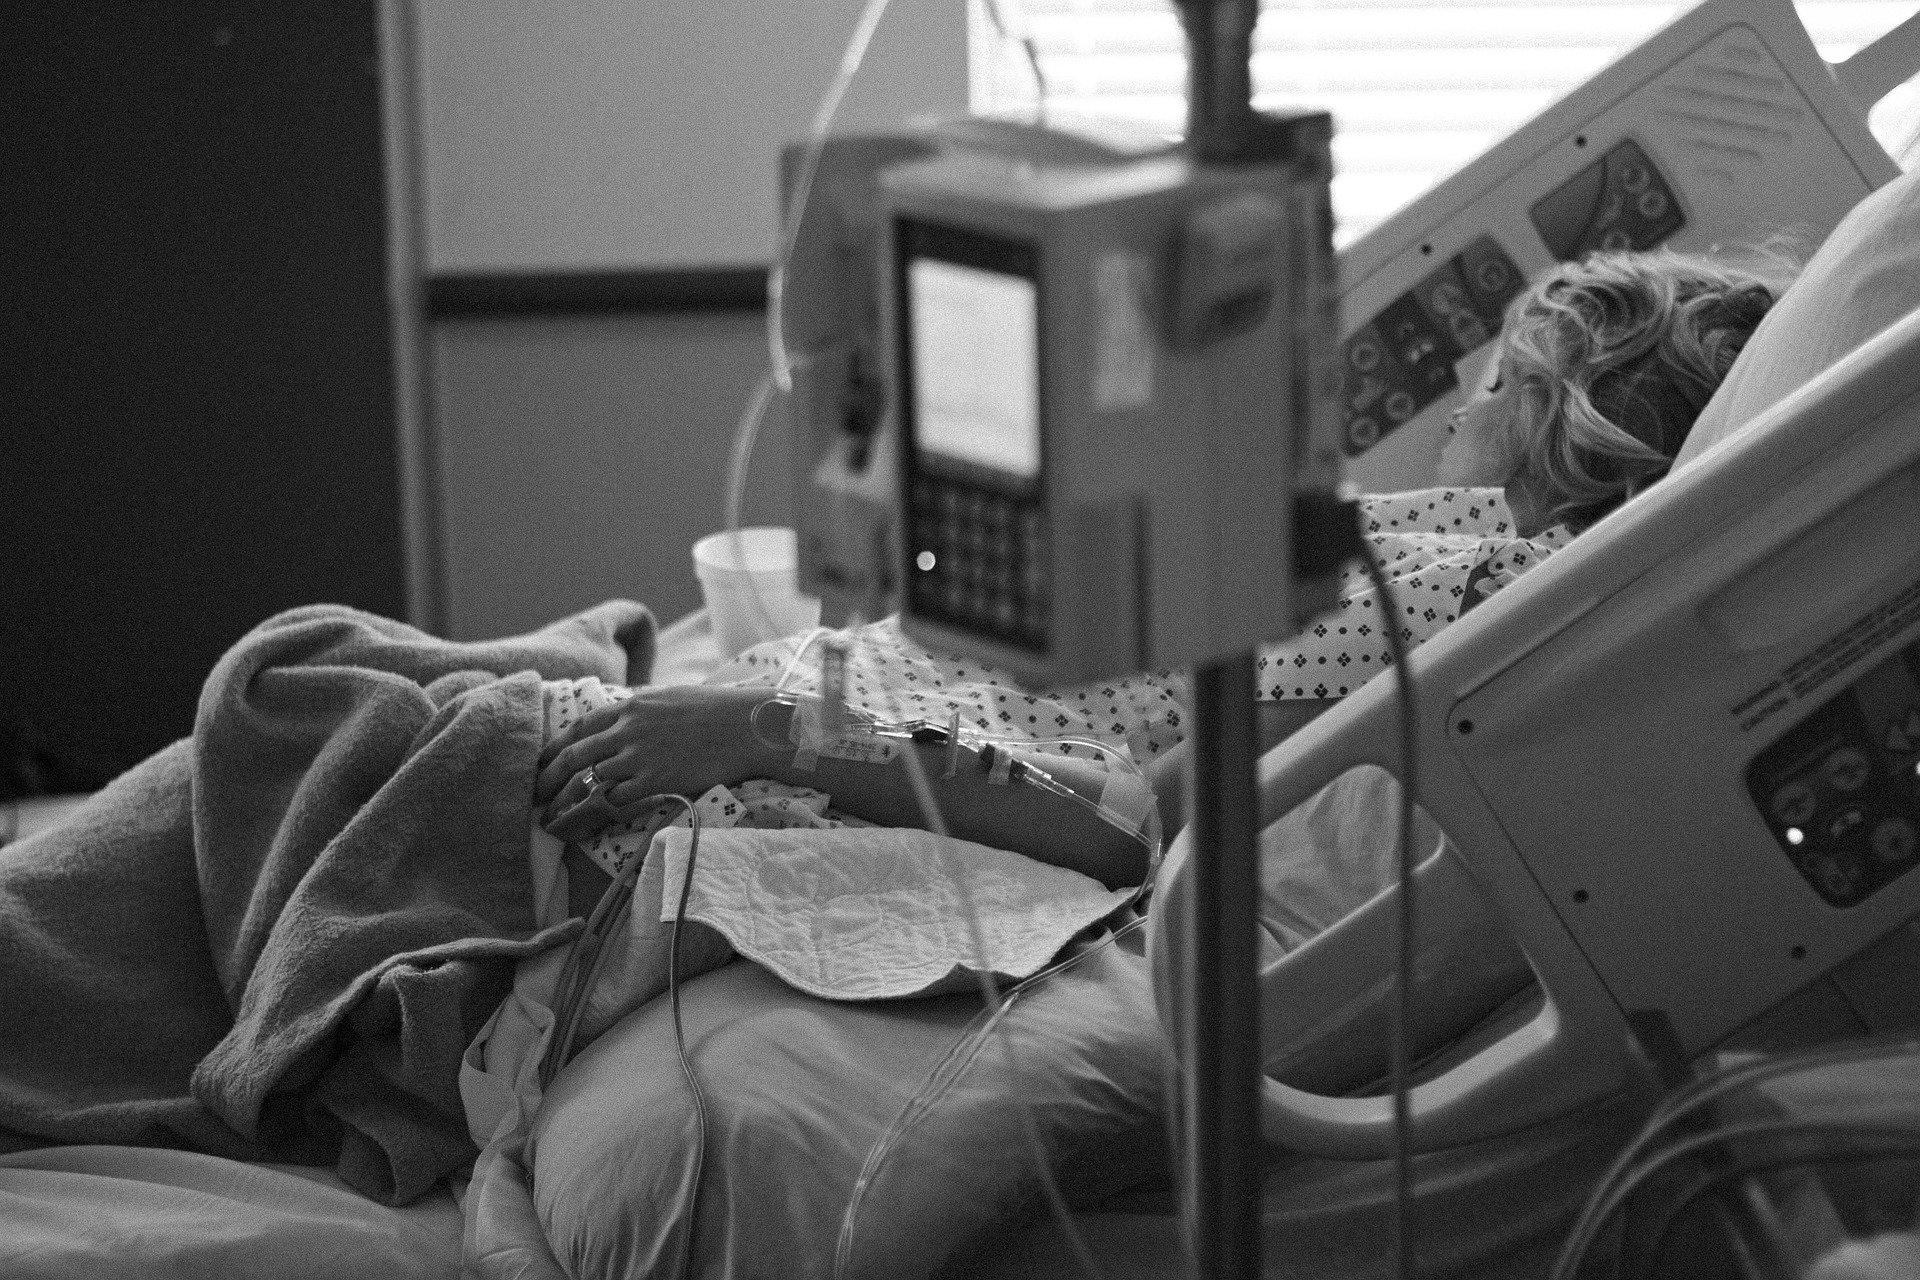 Заражение одновременно гриппом и коронавирусом повышает риск смерти